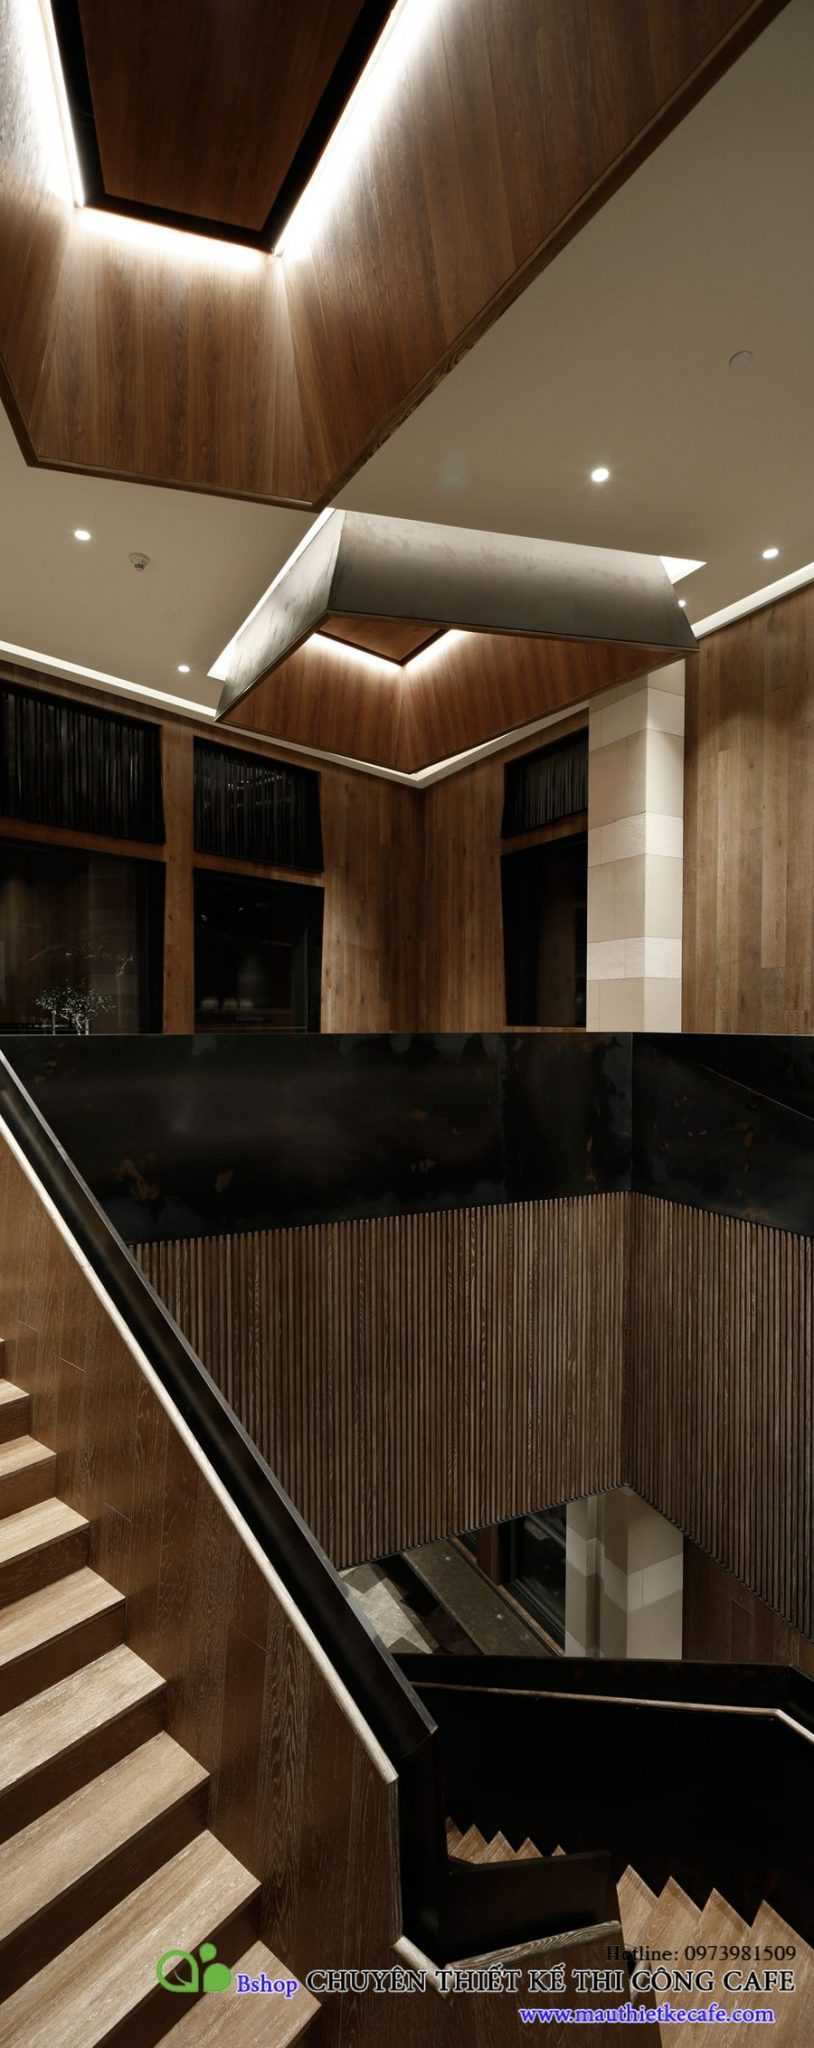 Nha hang Hong Hanh 180m2 (3)mauthietkecafe.com